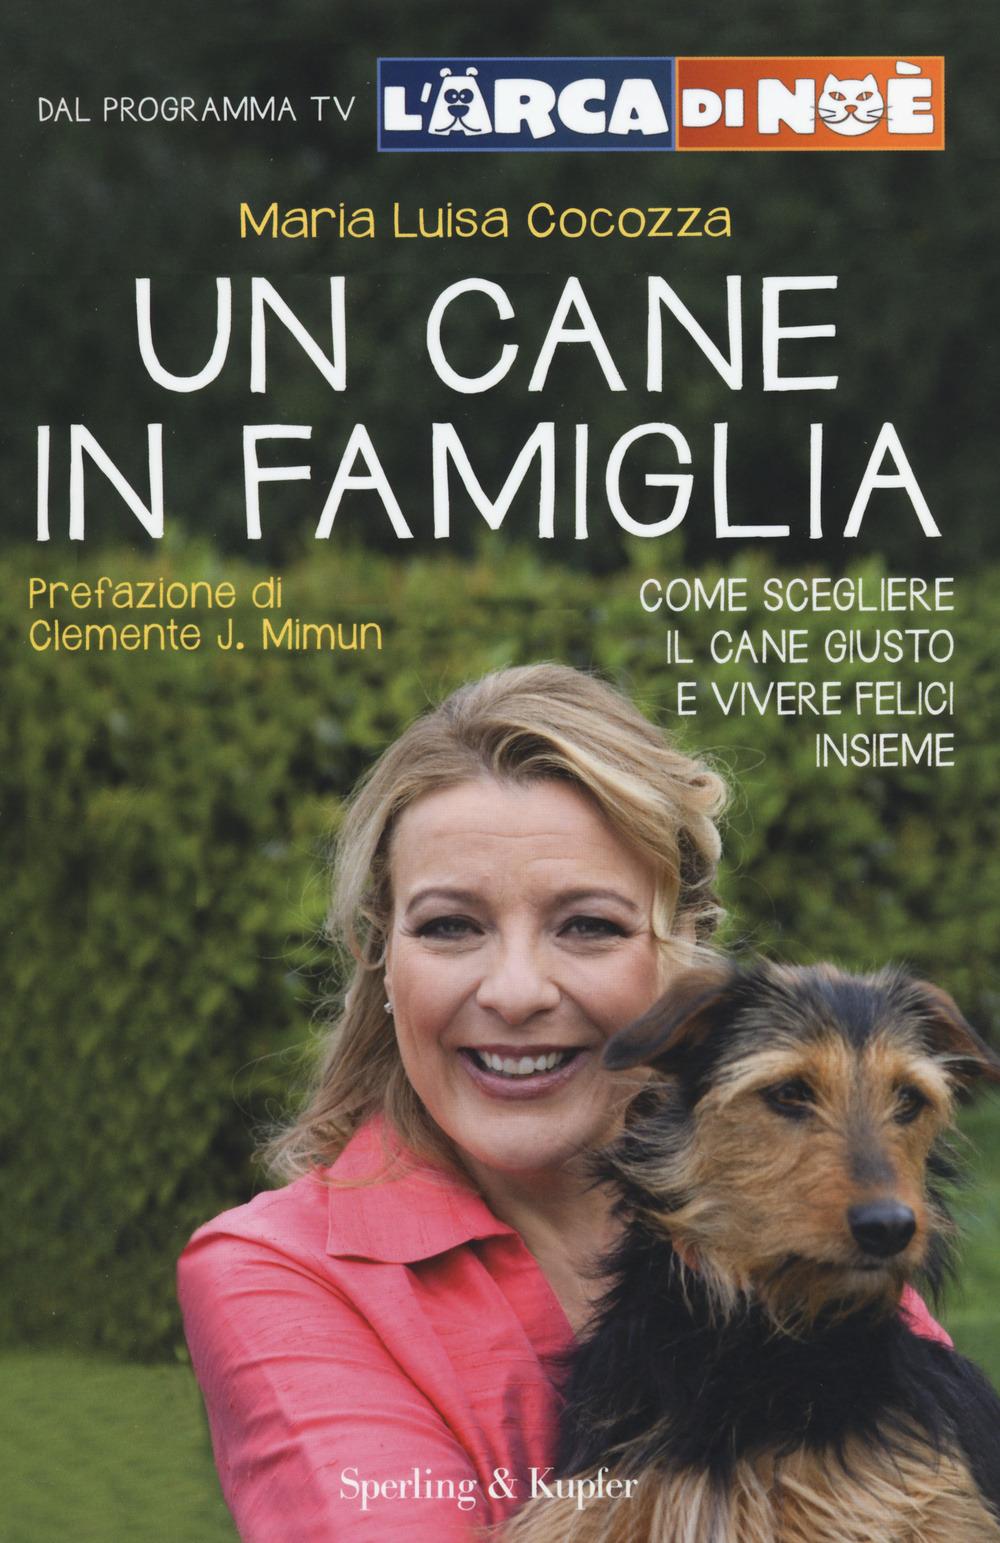 Un cane in famiglia. Come scegliere il cane giusto e vivere felici..